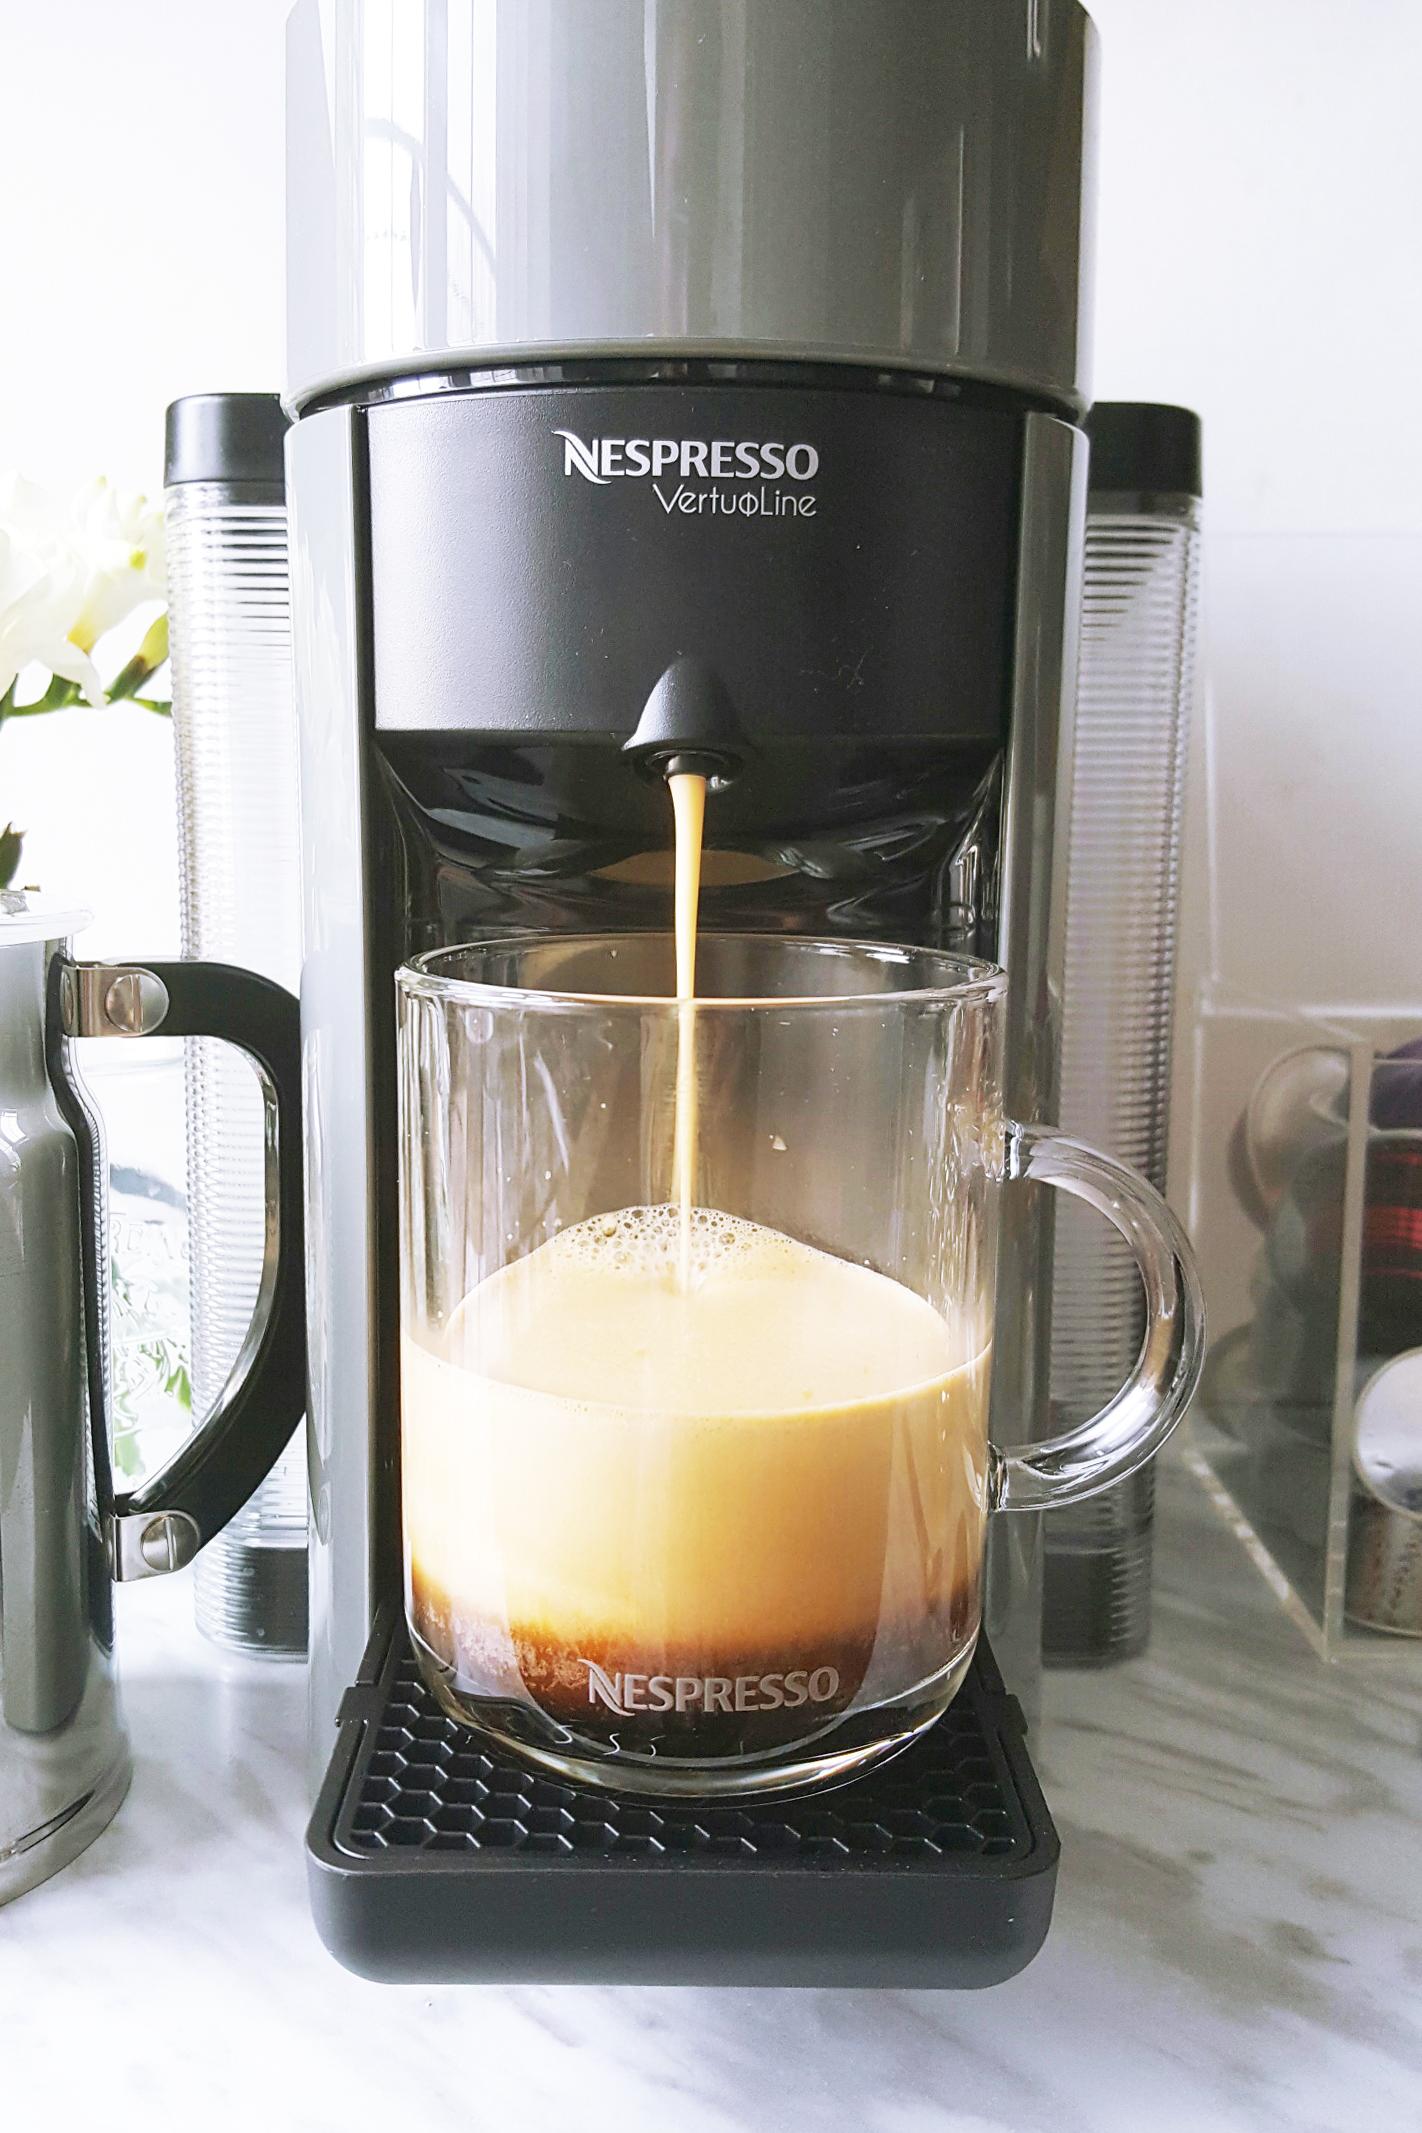 Nespresso VertuoLine 4